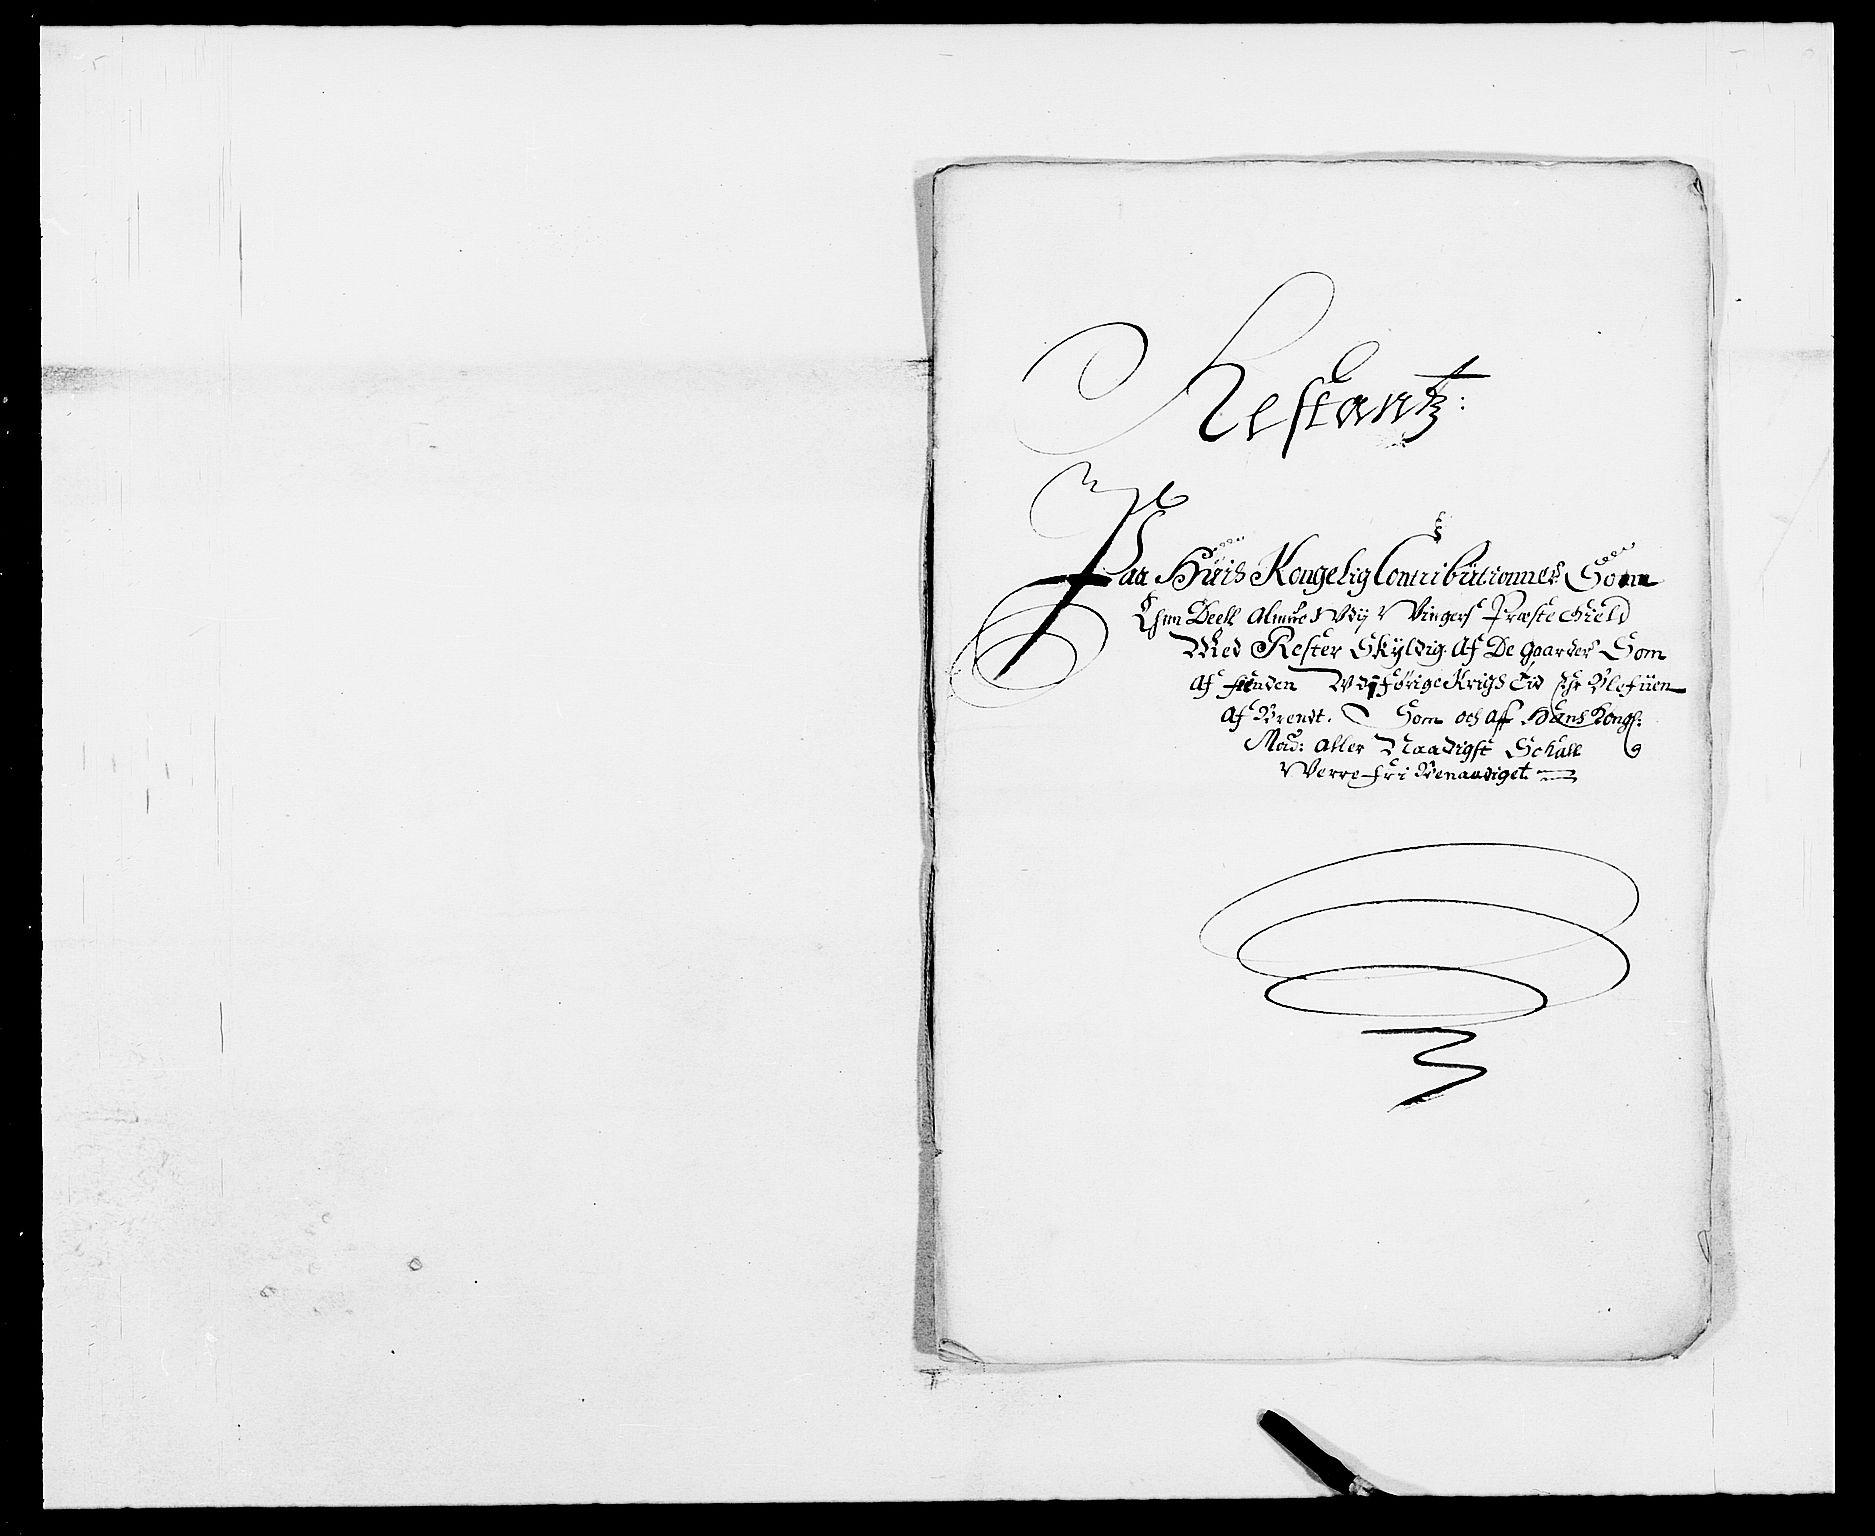 RA, Rentekammeret inntil 1814, Reviderte regnskaper, Fogderegnskap, R13/L0821: Fogderegnskap Solør, Odal og Østerdal, 1684, s. 300